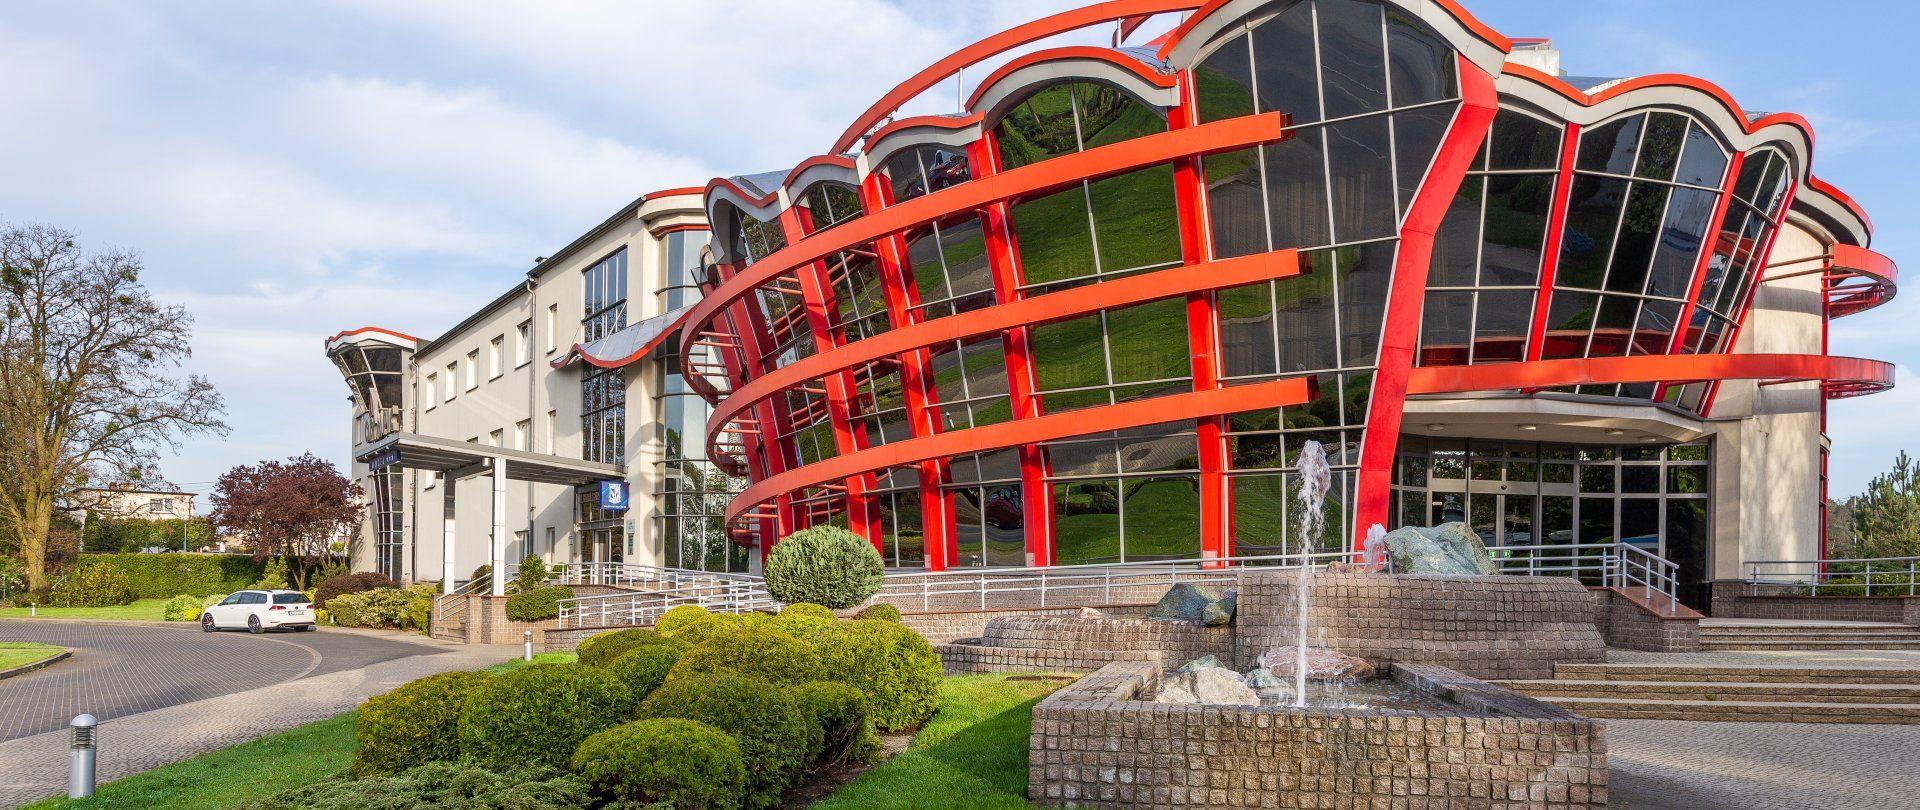 Olympic Hotel, Wronki